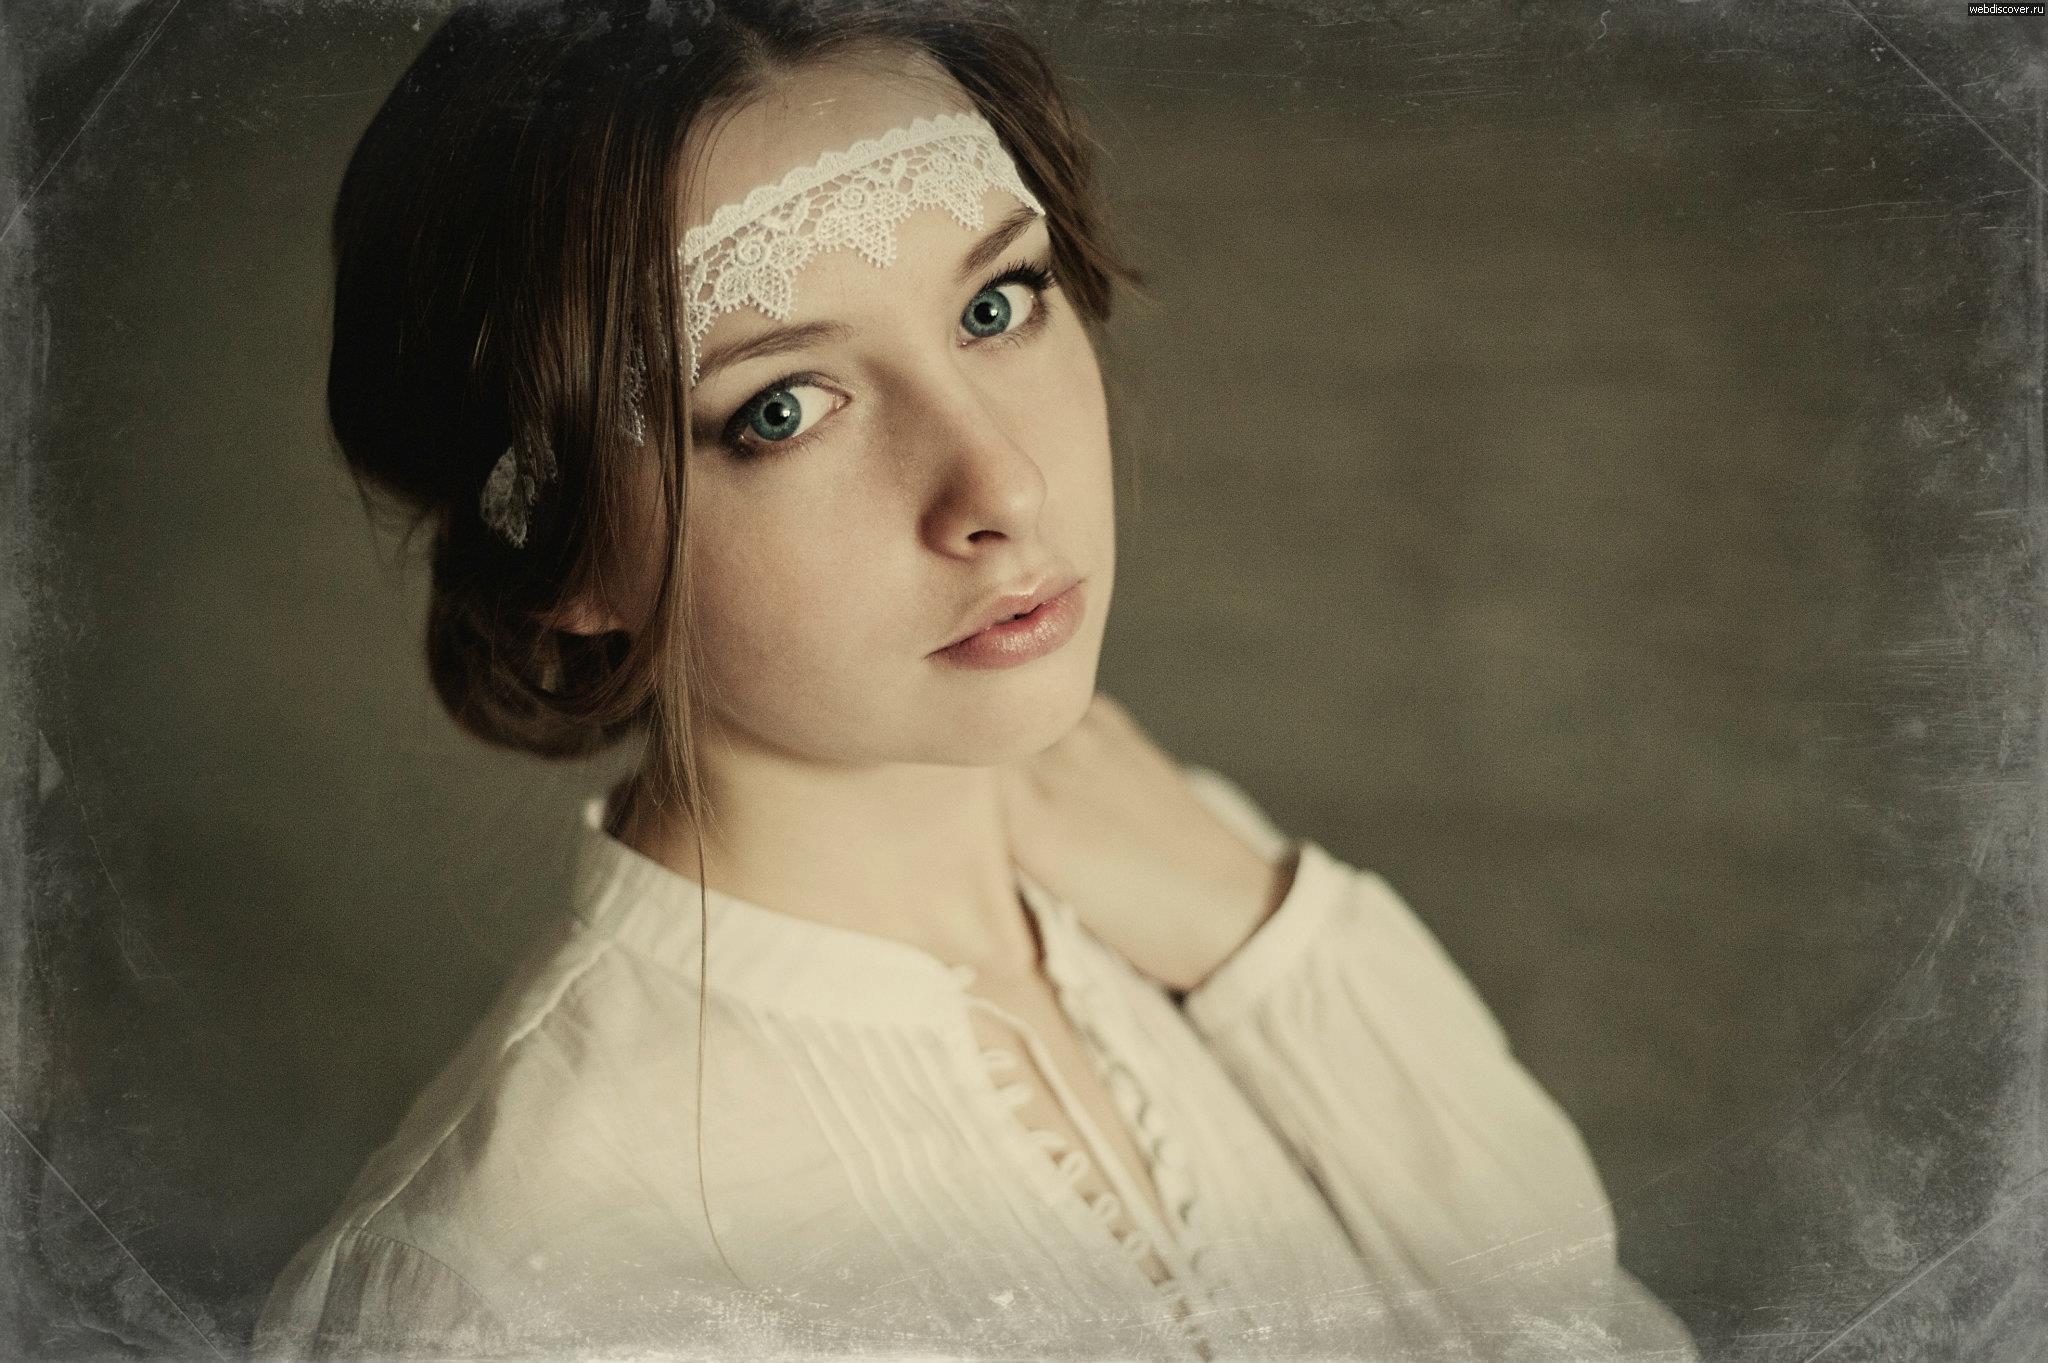 Смотреть русских красивых девушек картинки 20 фотография